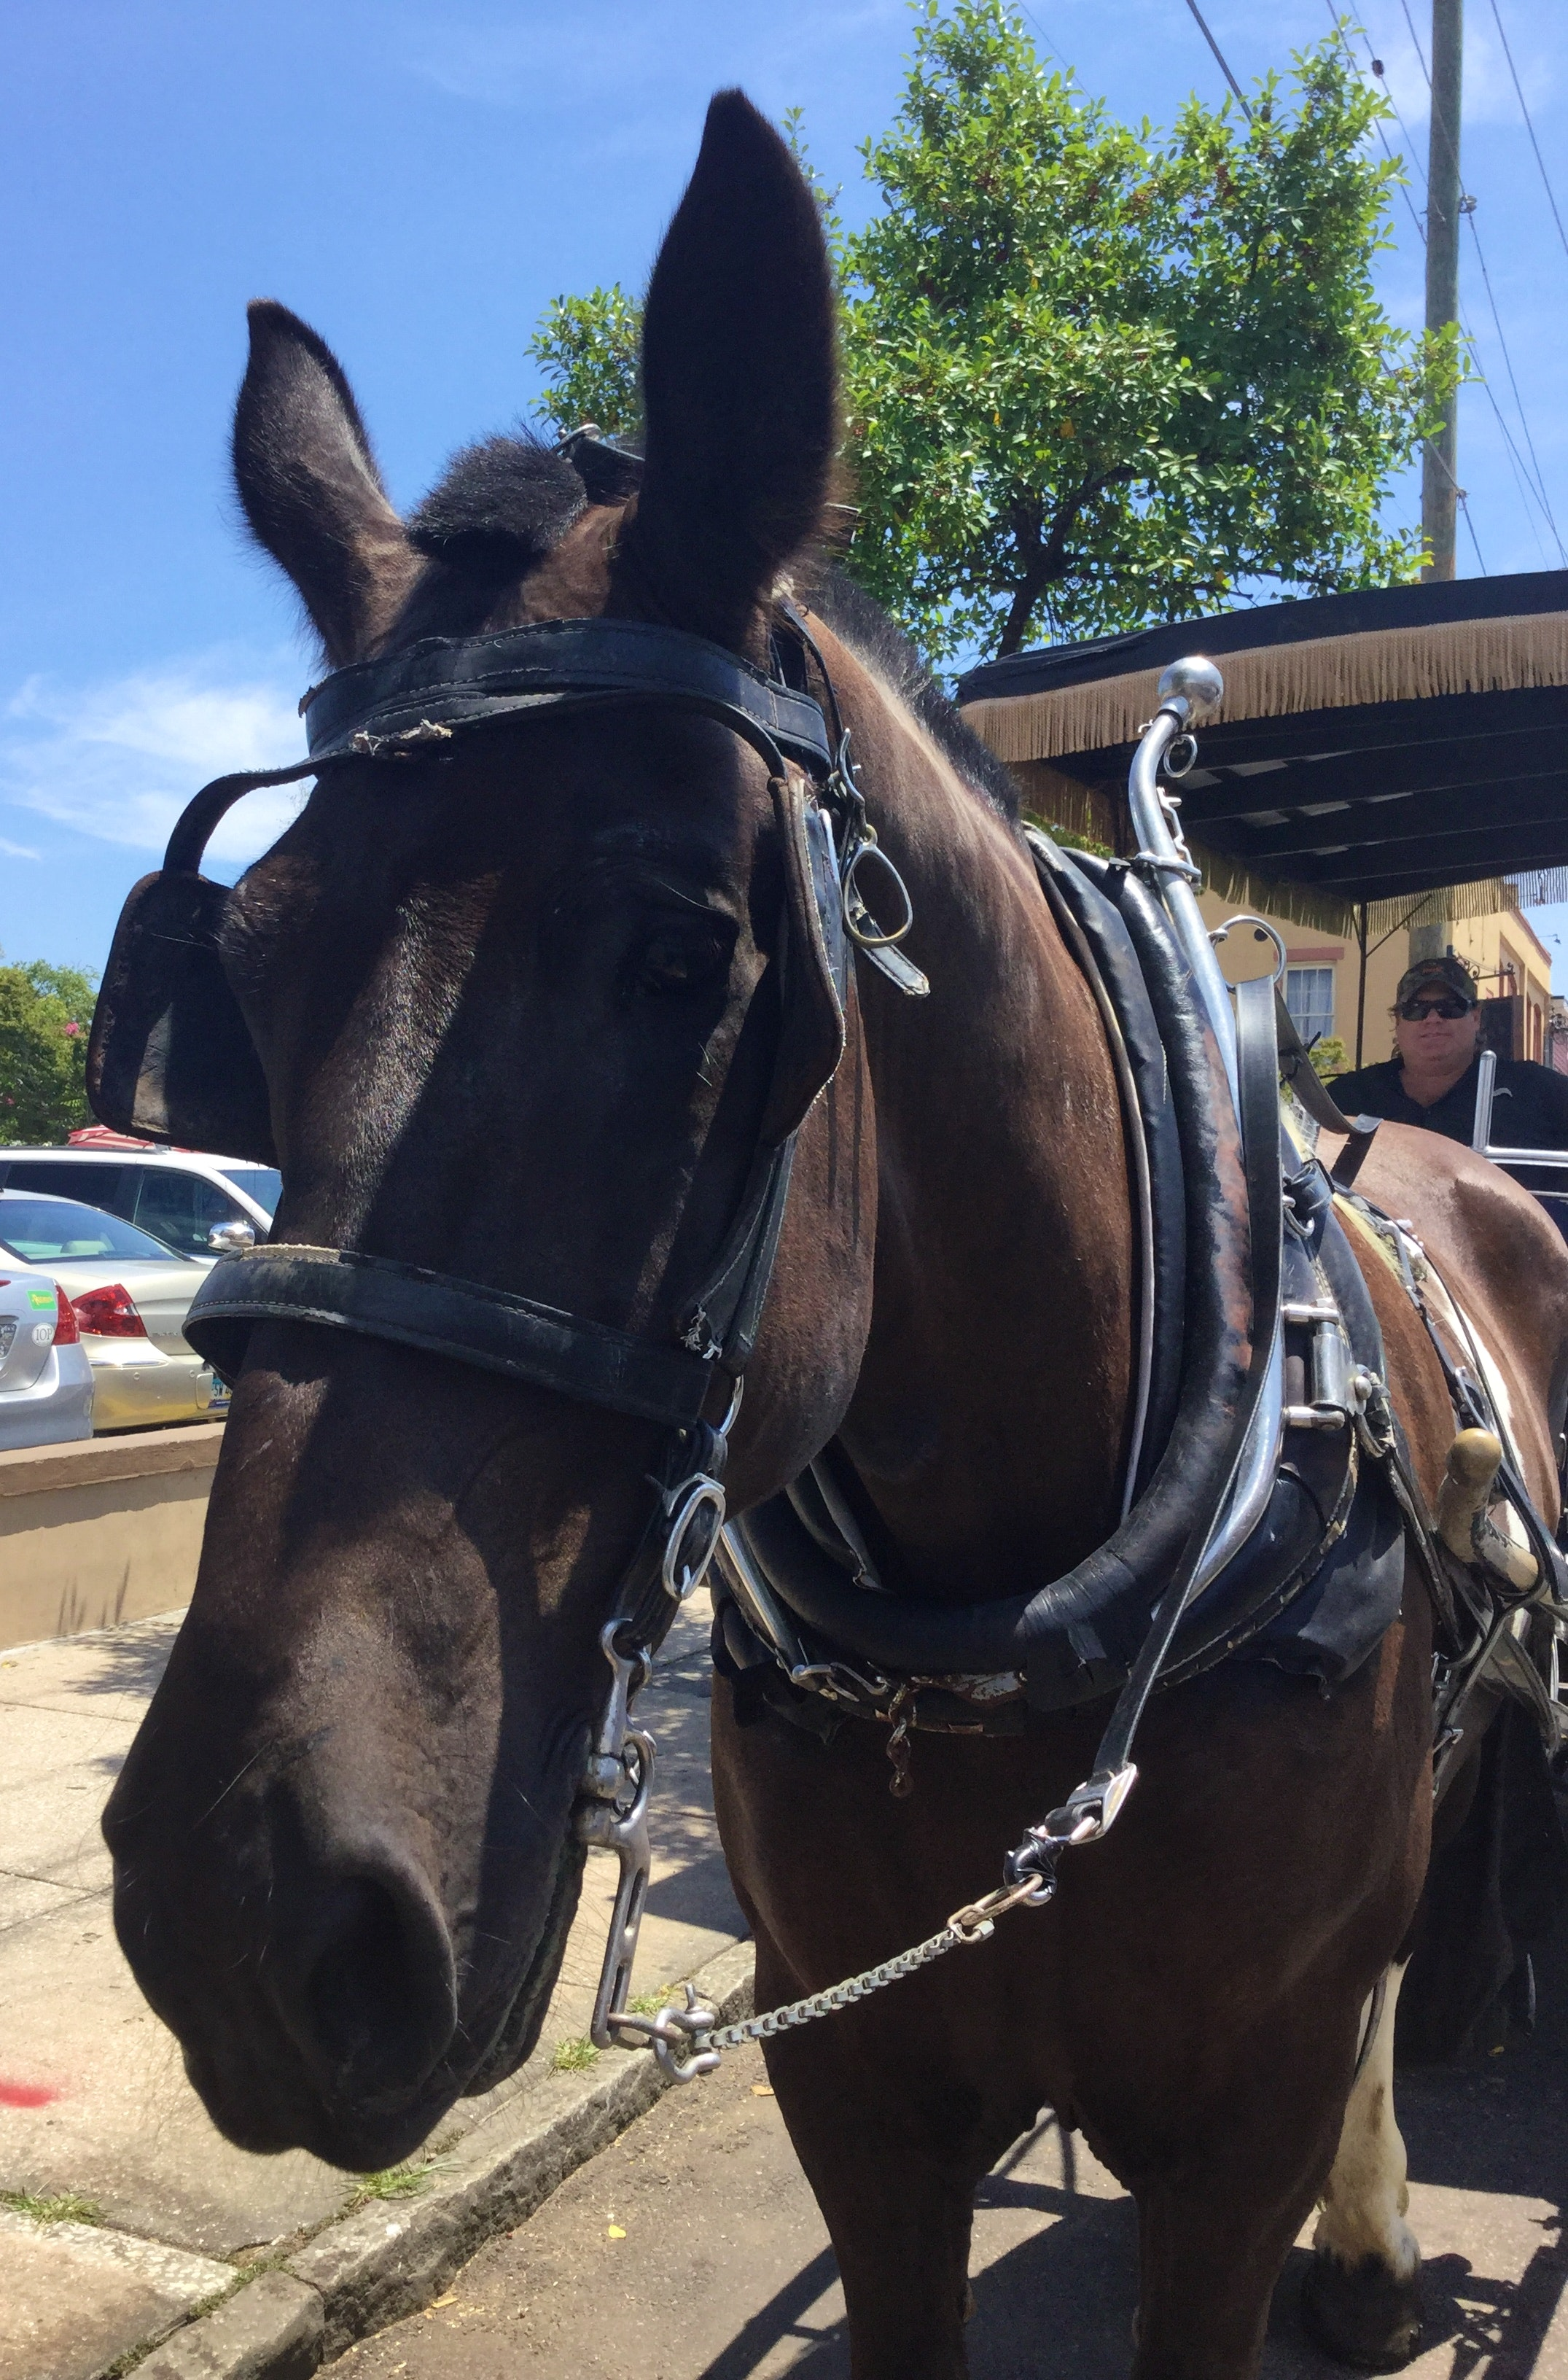 Yamassee, Carolina Carriage Horse